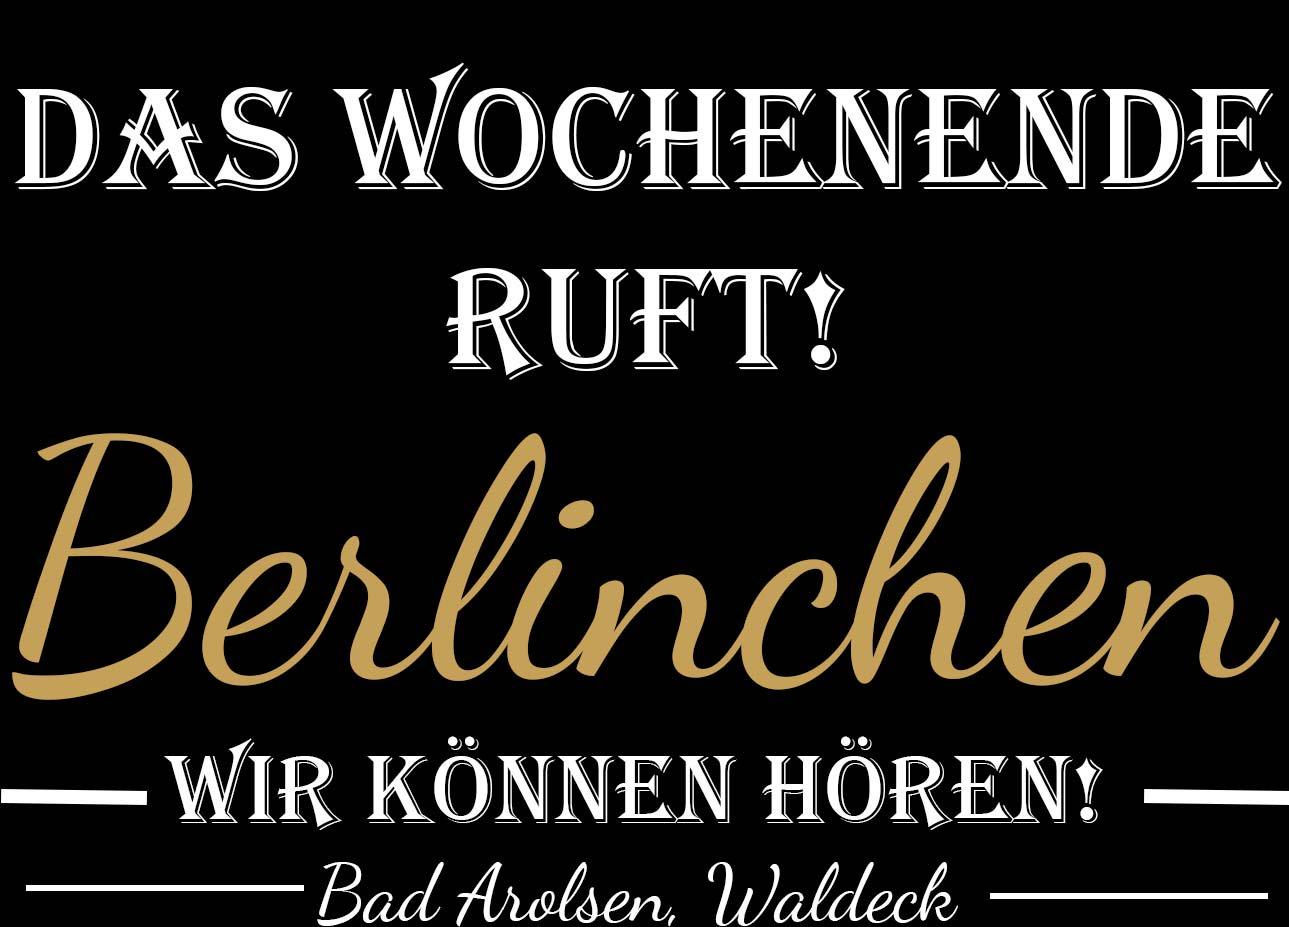 Berlinchen On Twitter Das Wochenende Ruft Super Wetter Leckeres